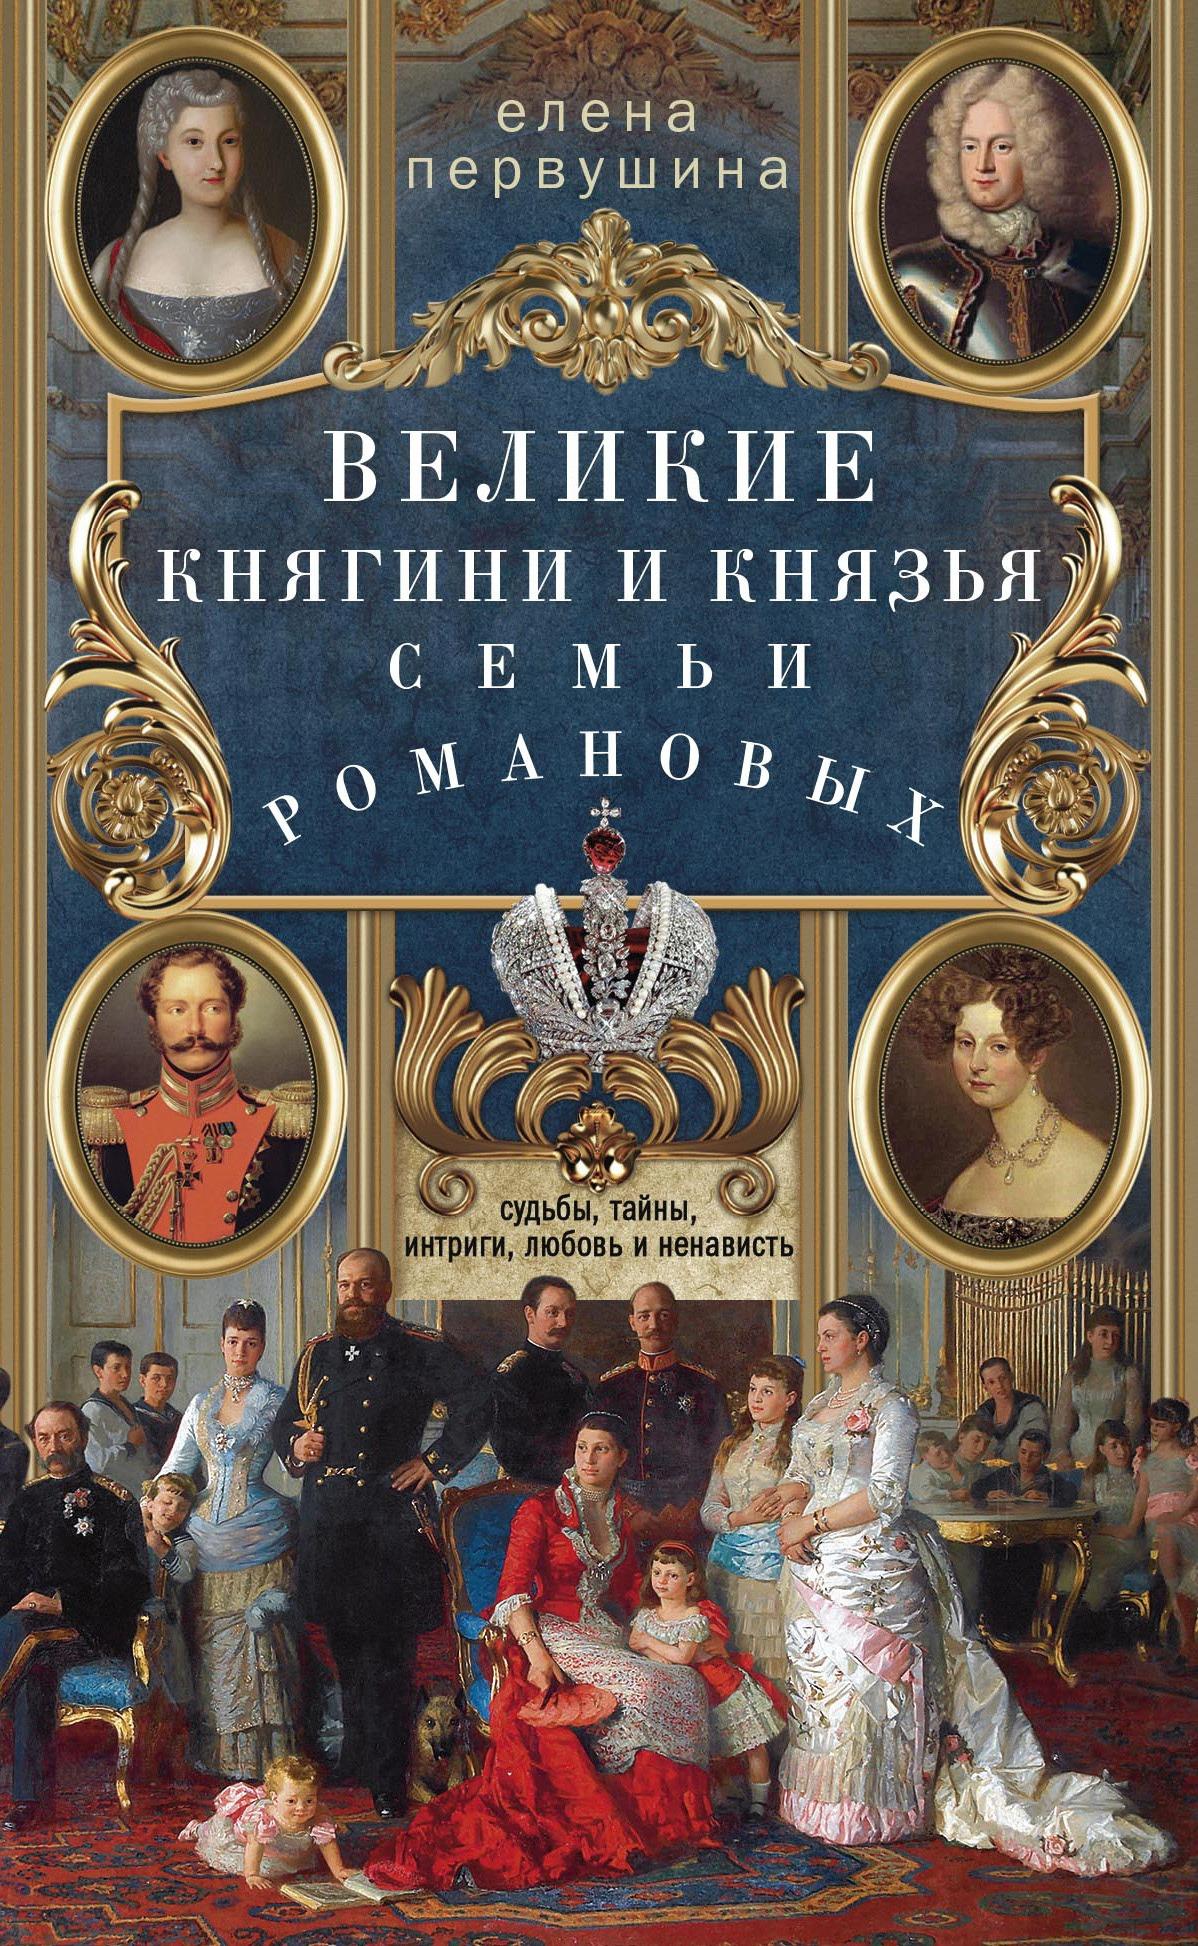 Великие княгини и князья семьи Романовых.